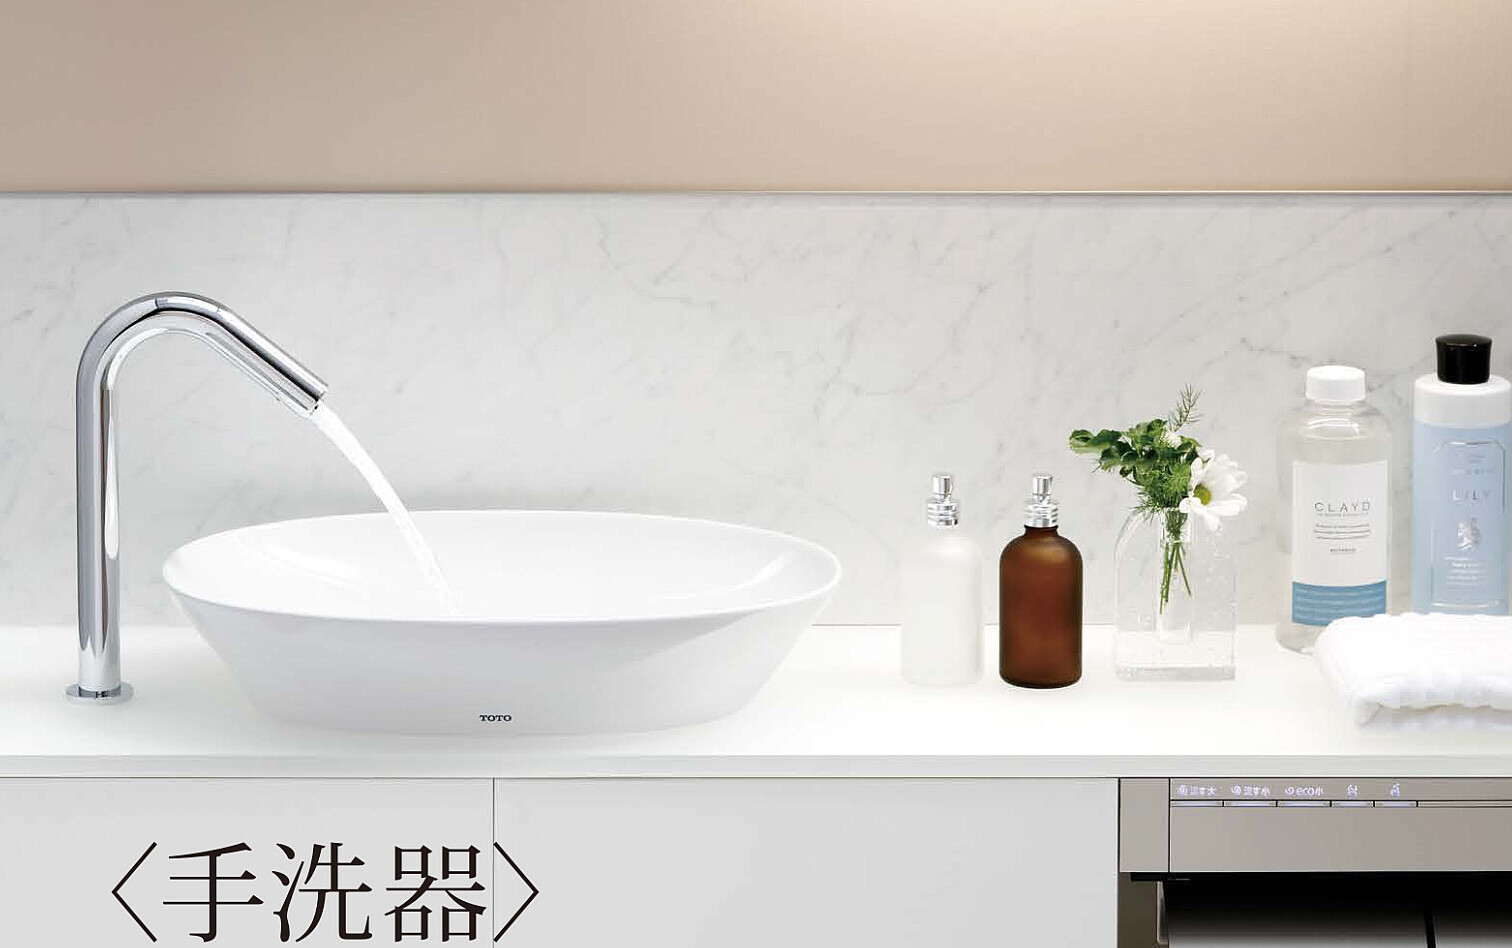 トイレリフォーム  | トイレ手洗いについて